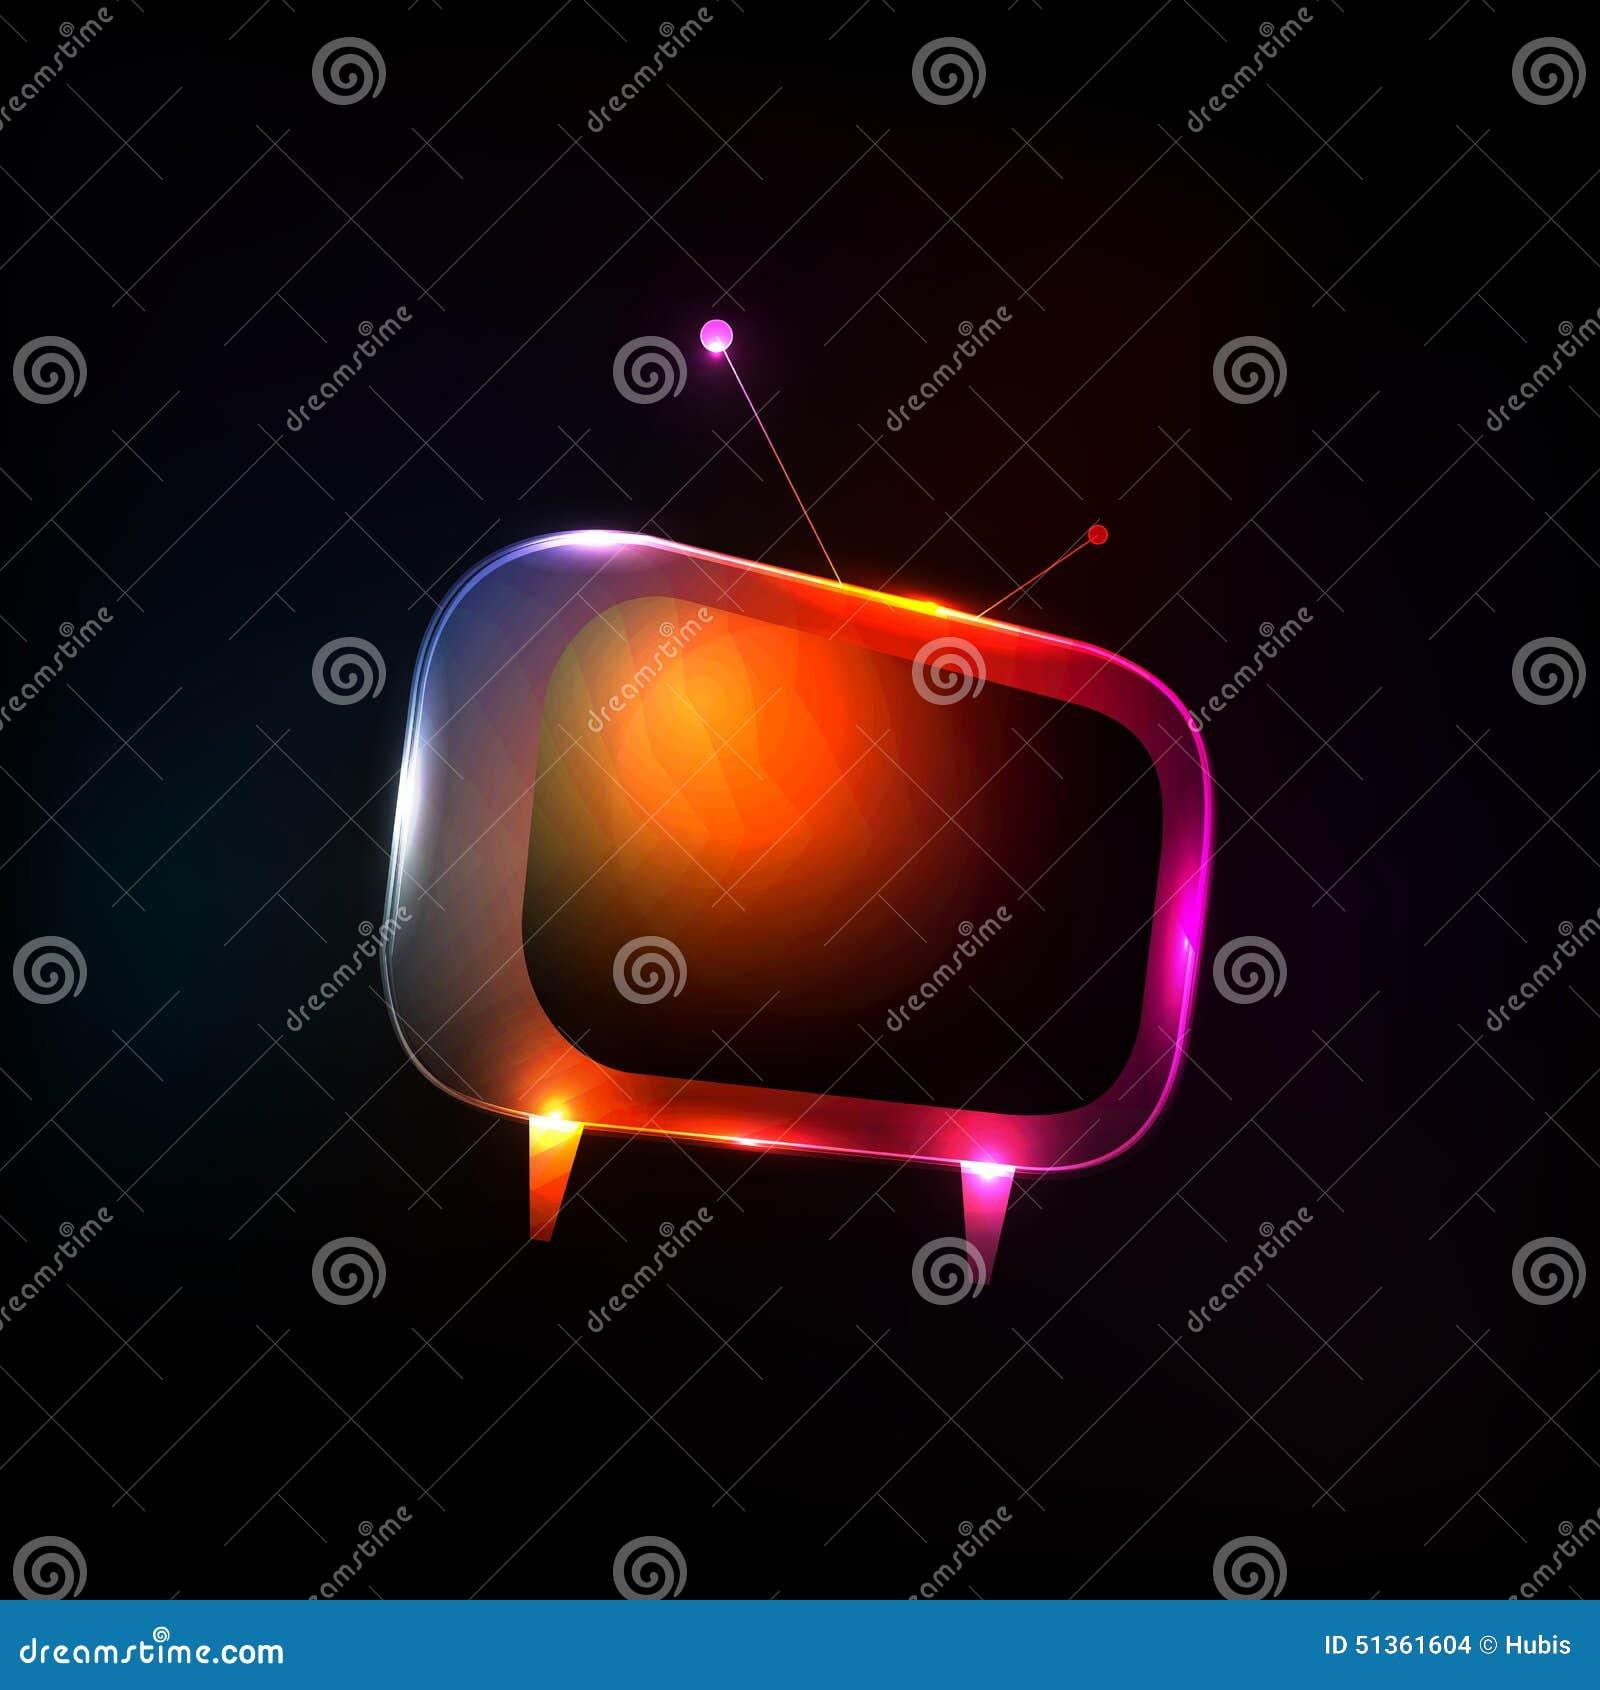 Abstract Neon Light Tv